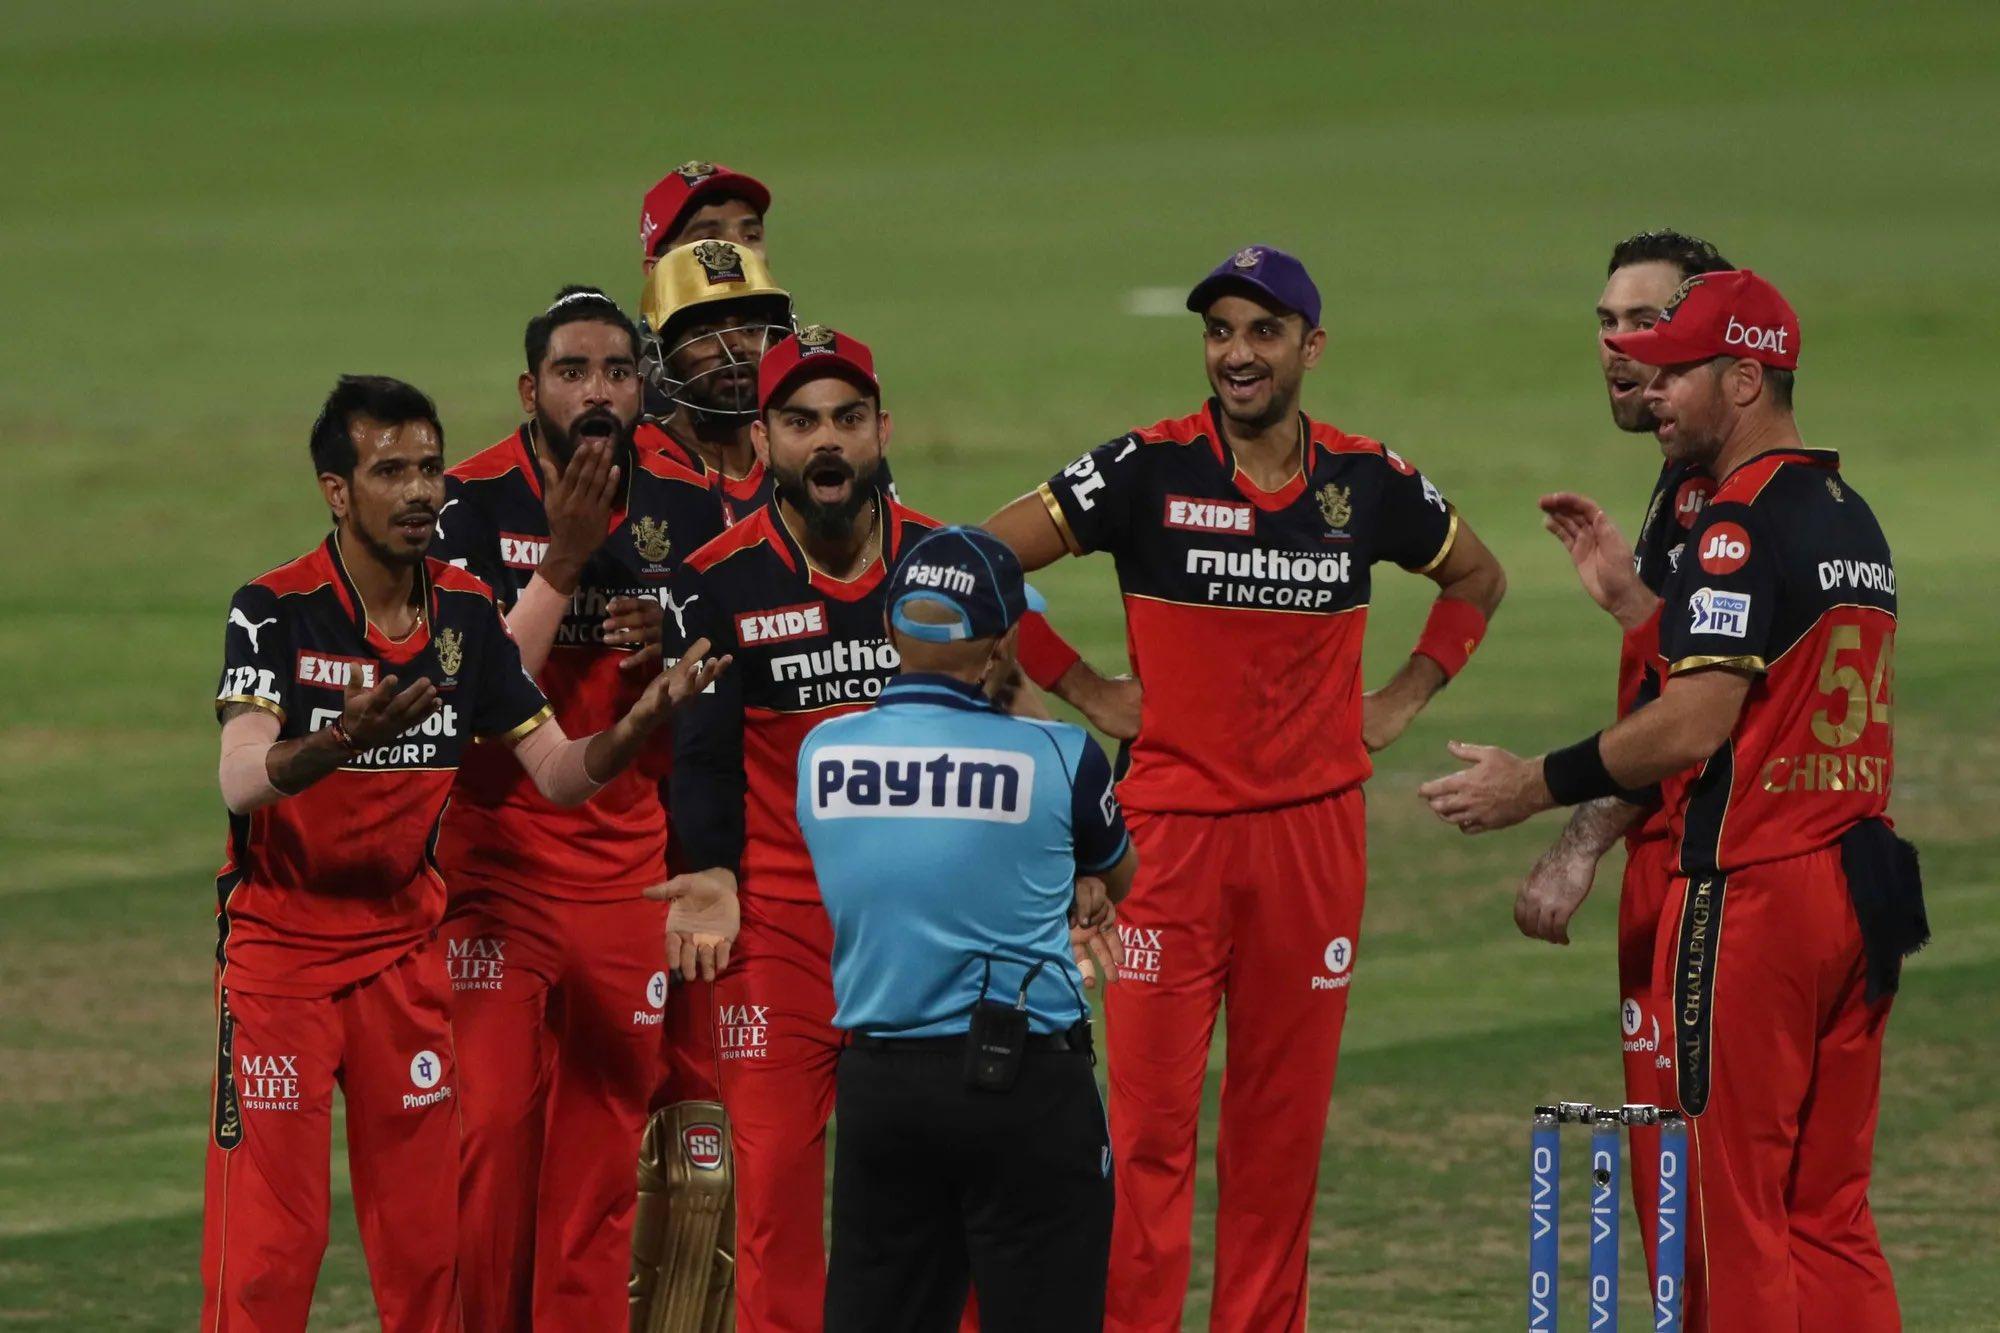 विराट ने तुरंत रिव्यू का इशारा किया और बाद में त्रिपाठी आउट पाए गए और फिर गुस्से के साथ कोहली और बेंगलुरू के अन्य खिलाड़ी अंपायर को चिढ़ाते भी नजर आए।